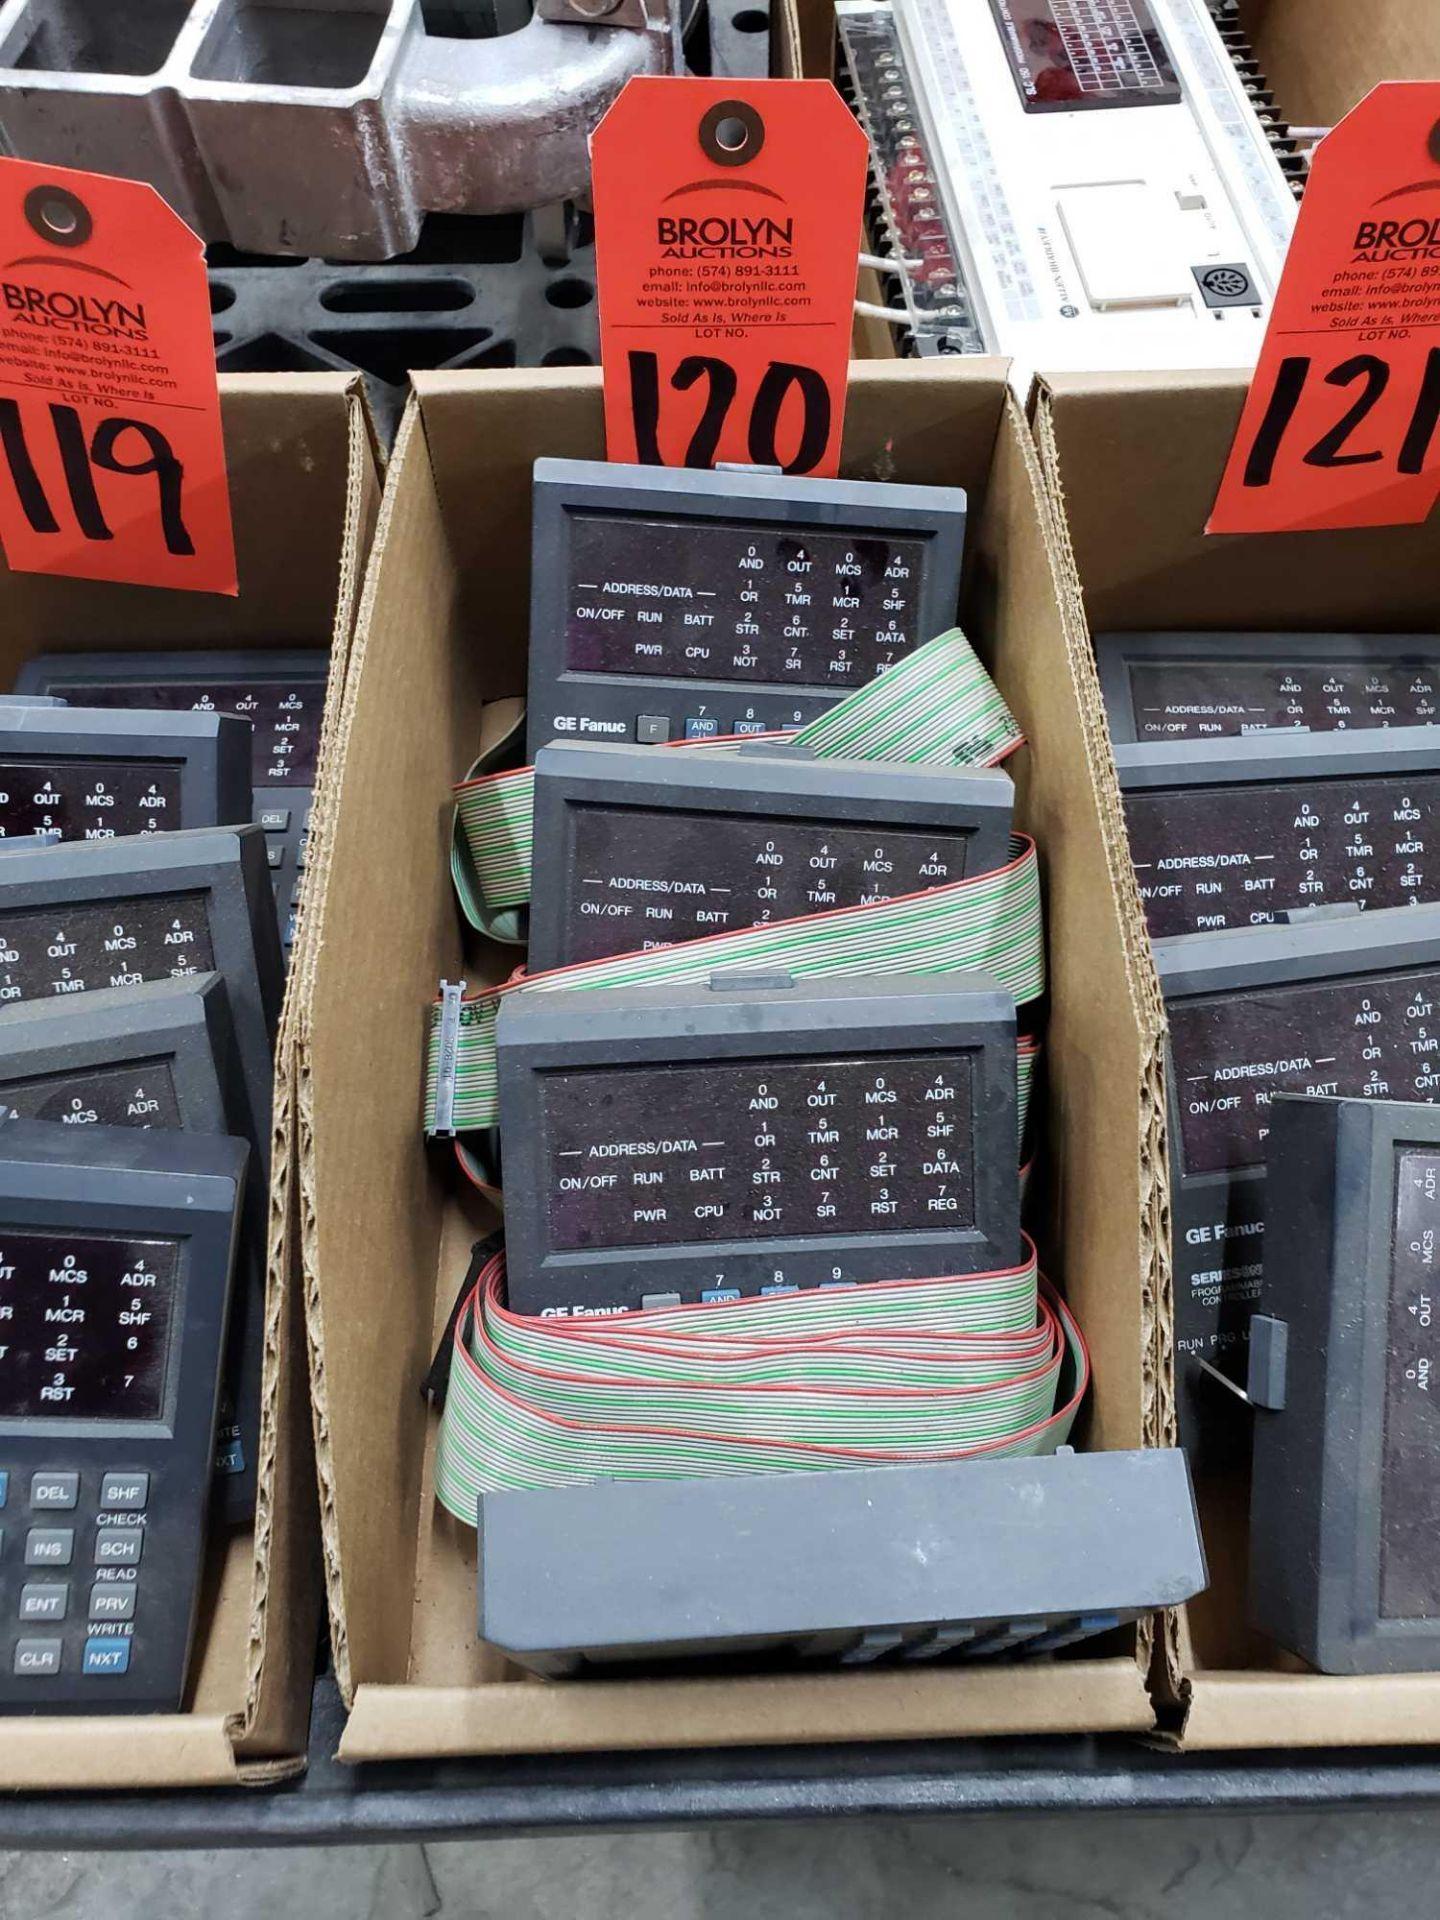 Lot 120 - Qty 4 - GE model IC610PRG105B controllers.